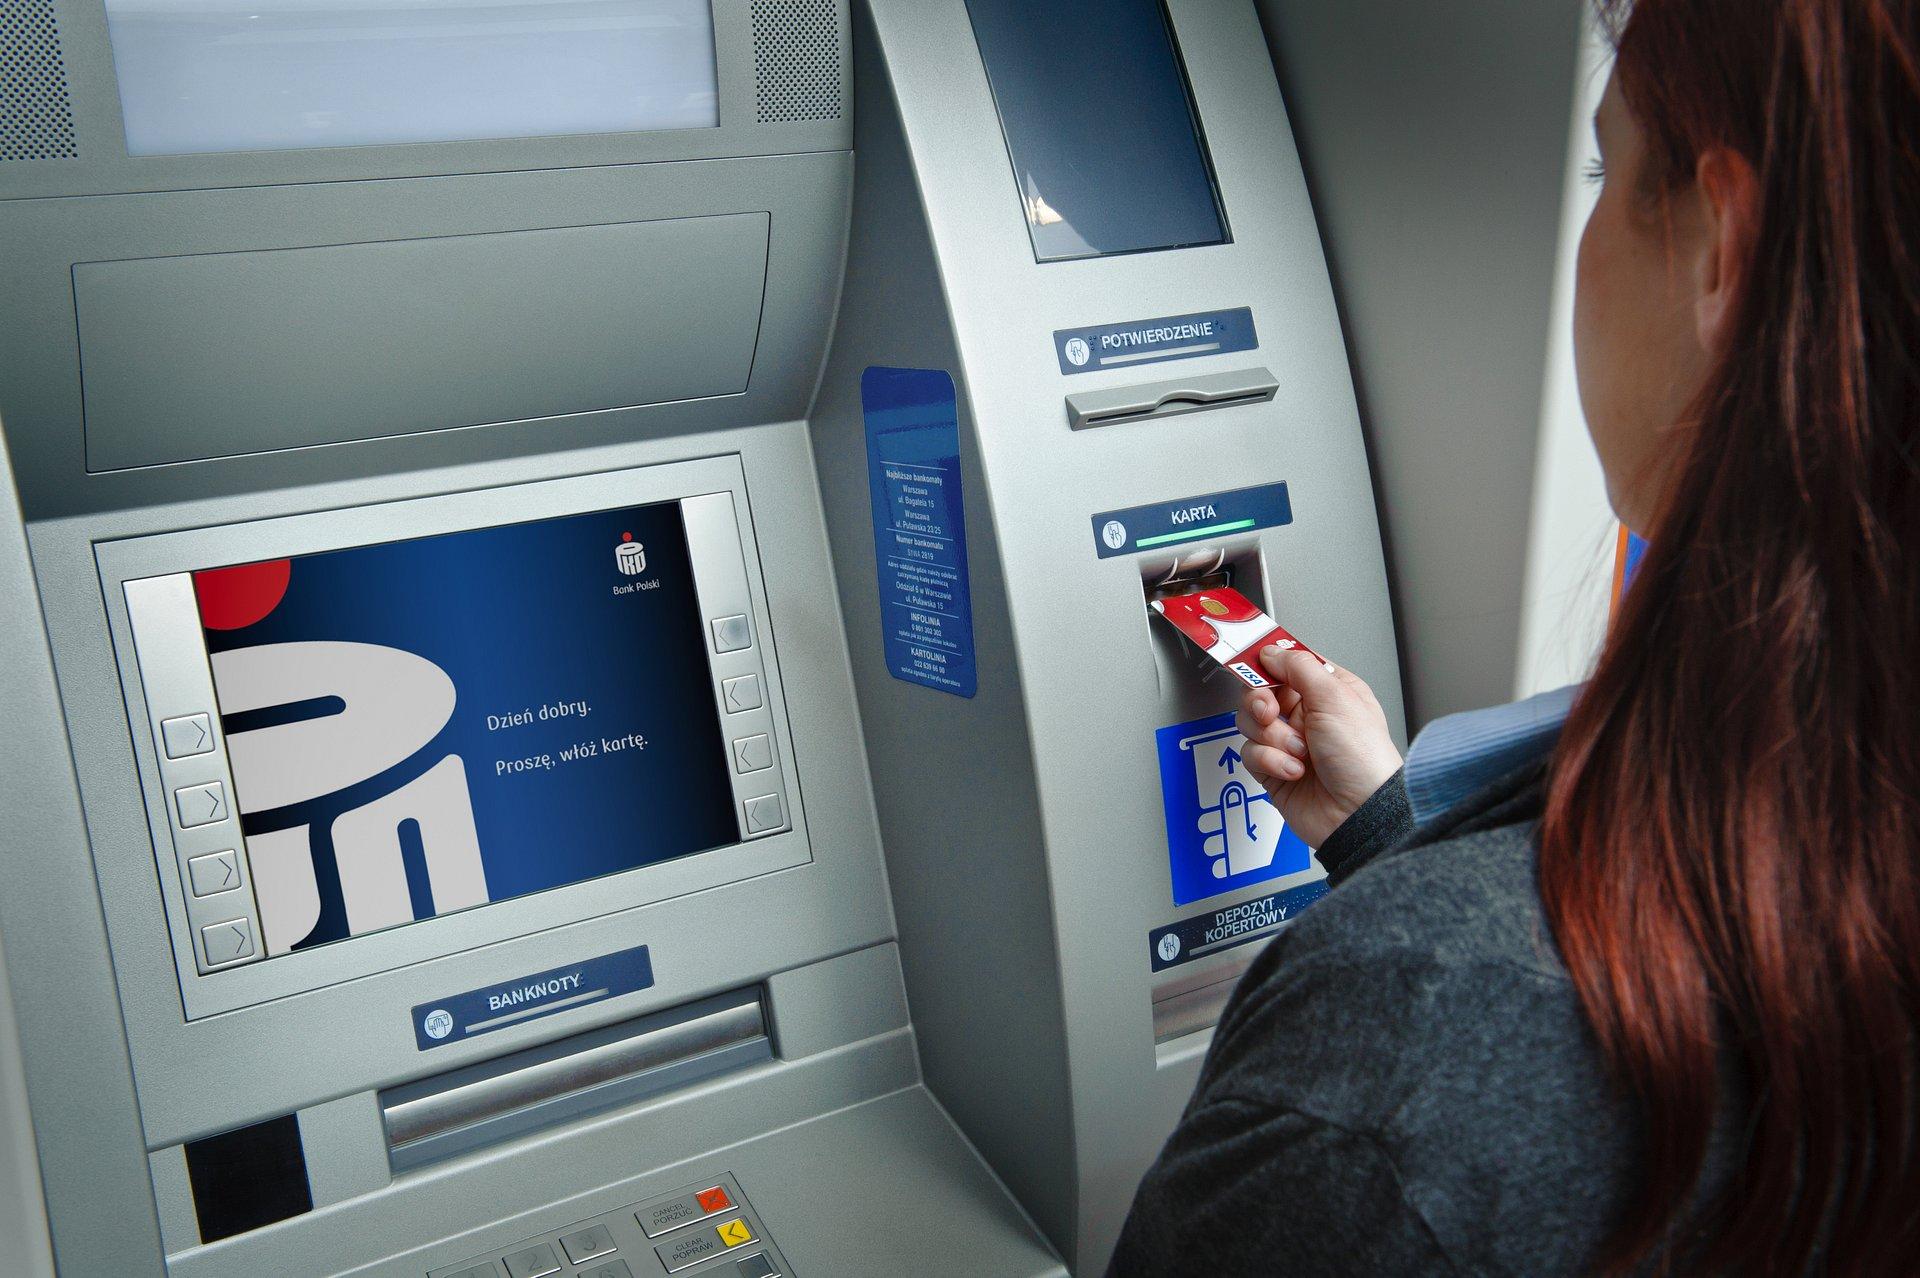 Kantor w bankomatach PKO Banku Polskiego